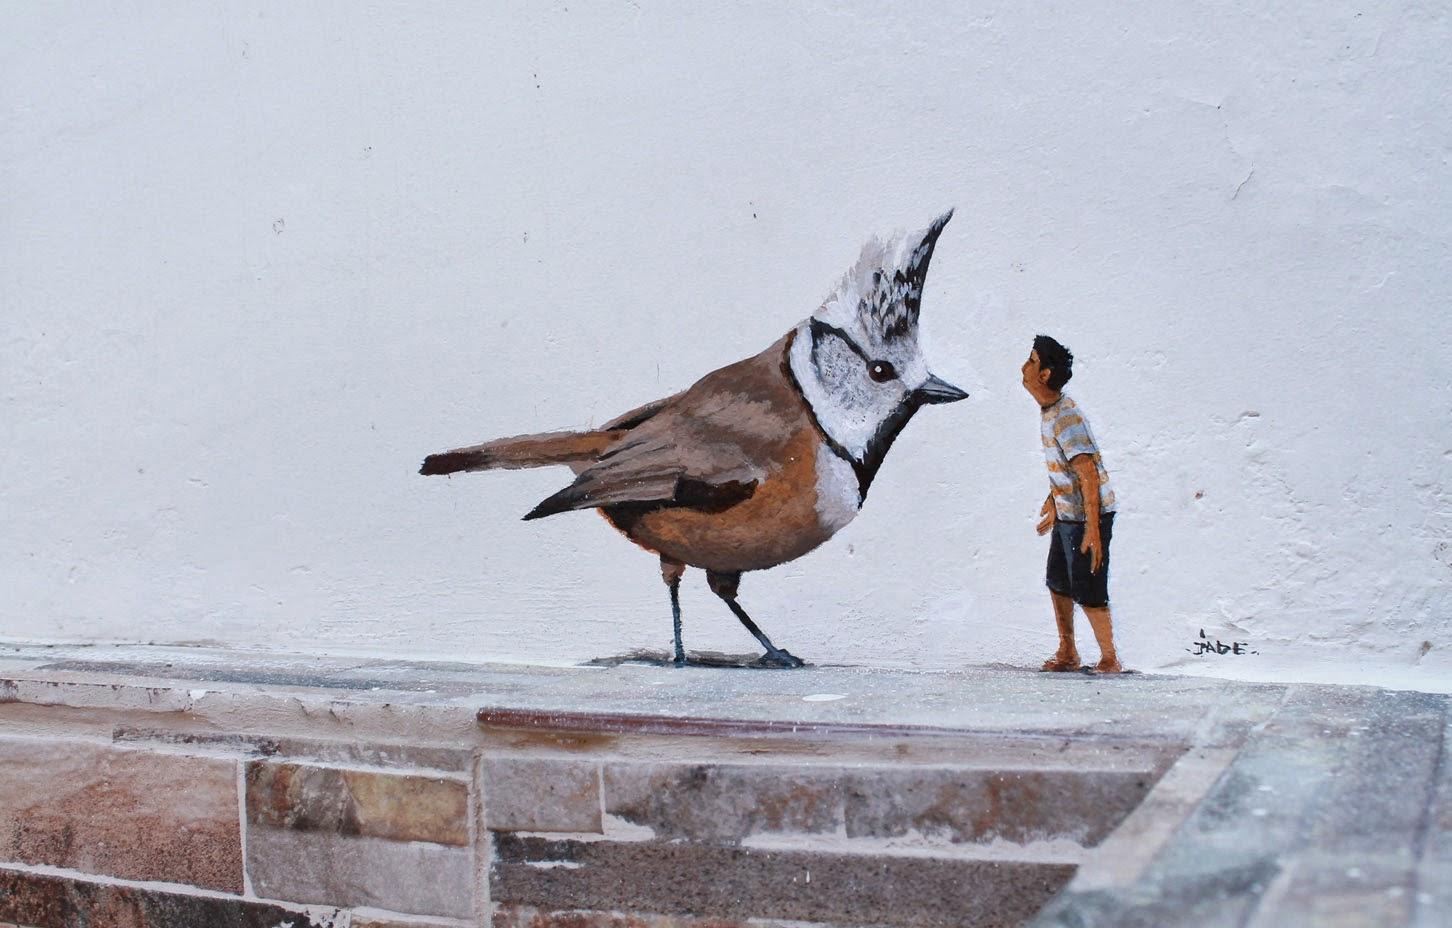 jade-el-desafio-new-mural-in-lima-01